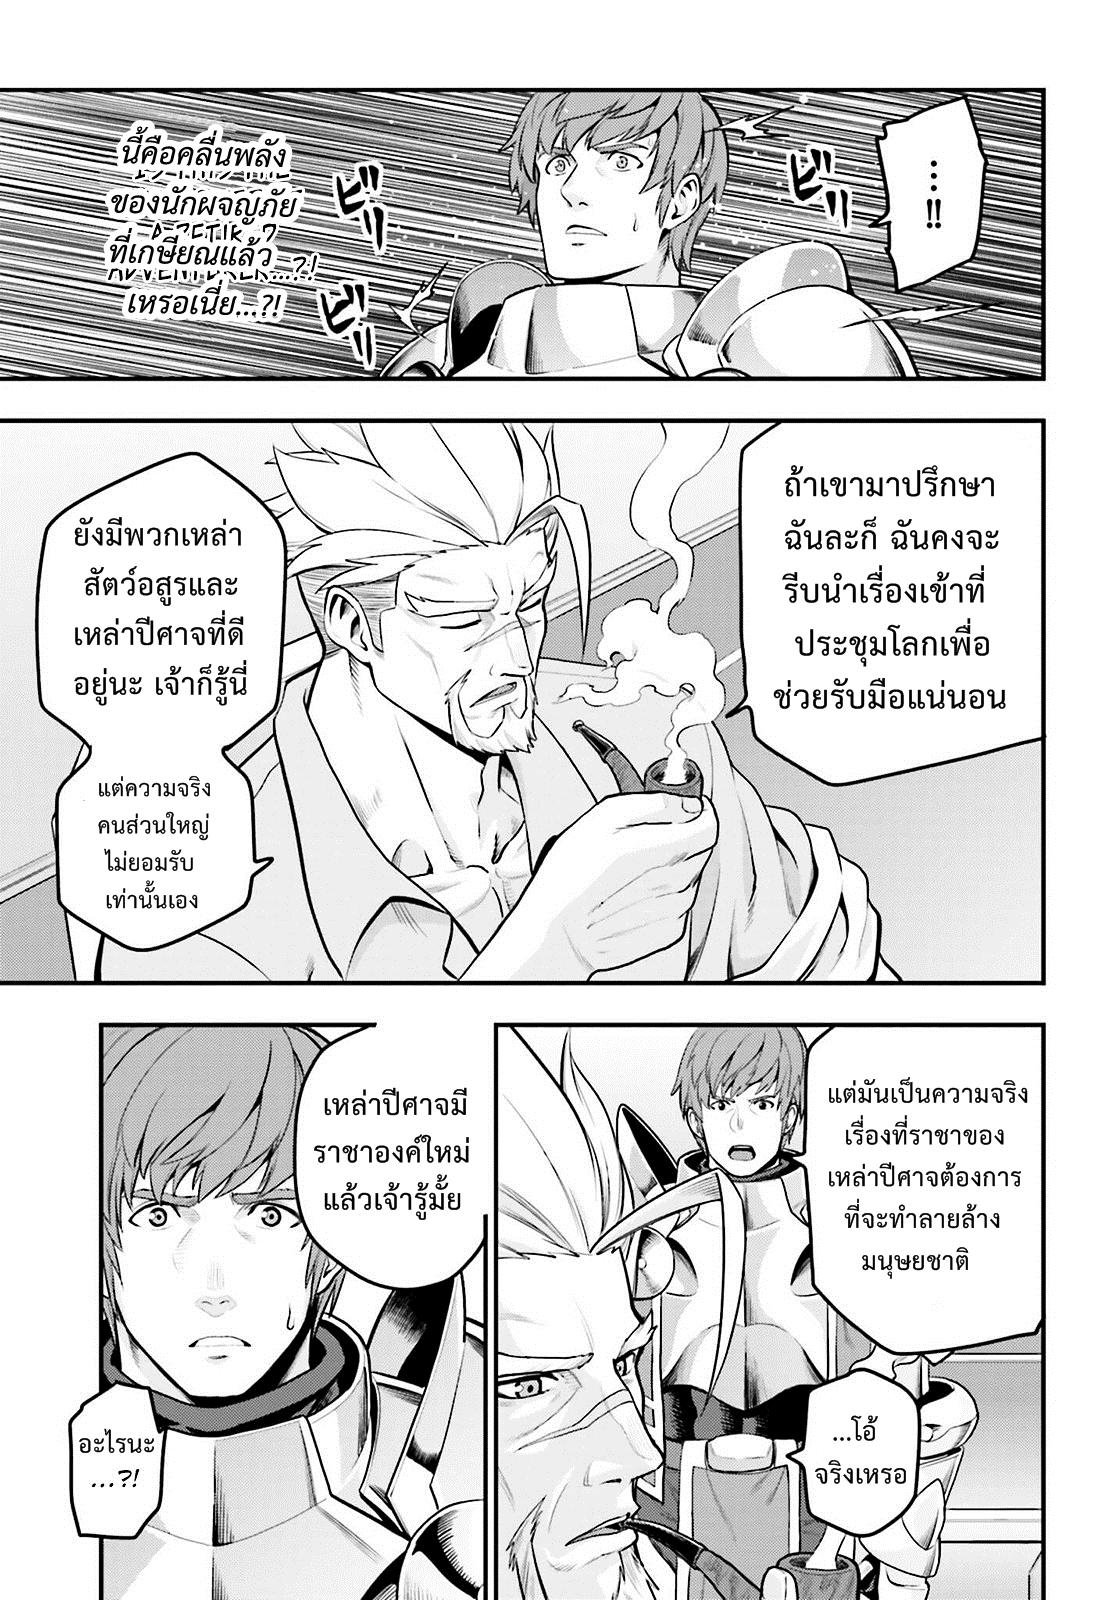 อ่านการ์ตูน Konjiki no Word Master 17 ภาพที่ 11